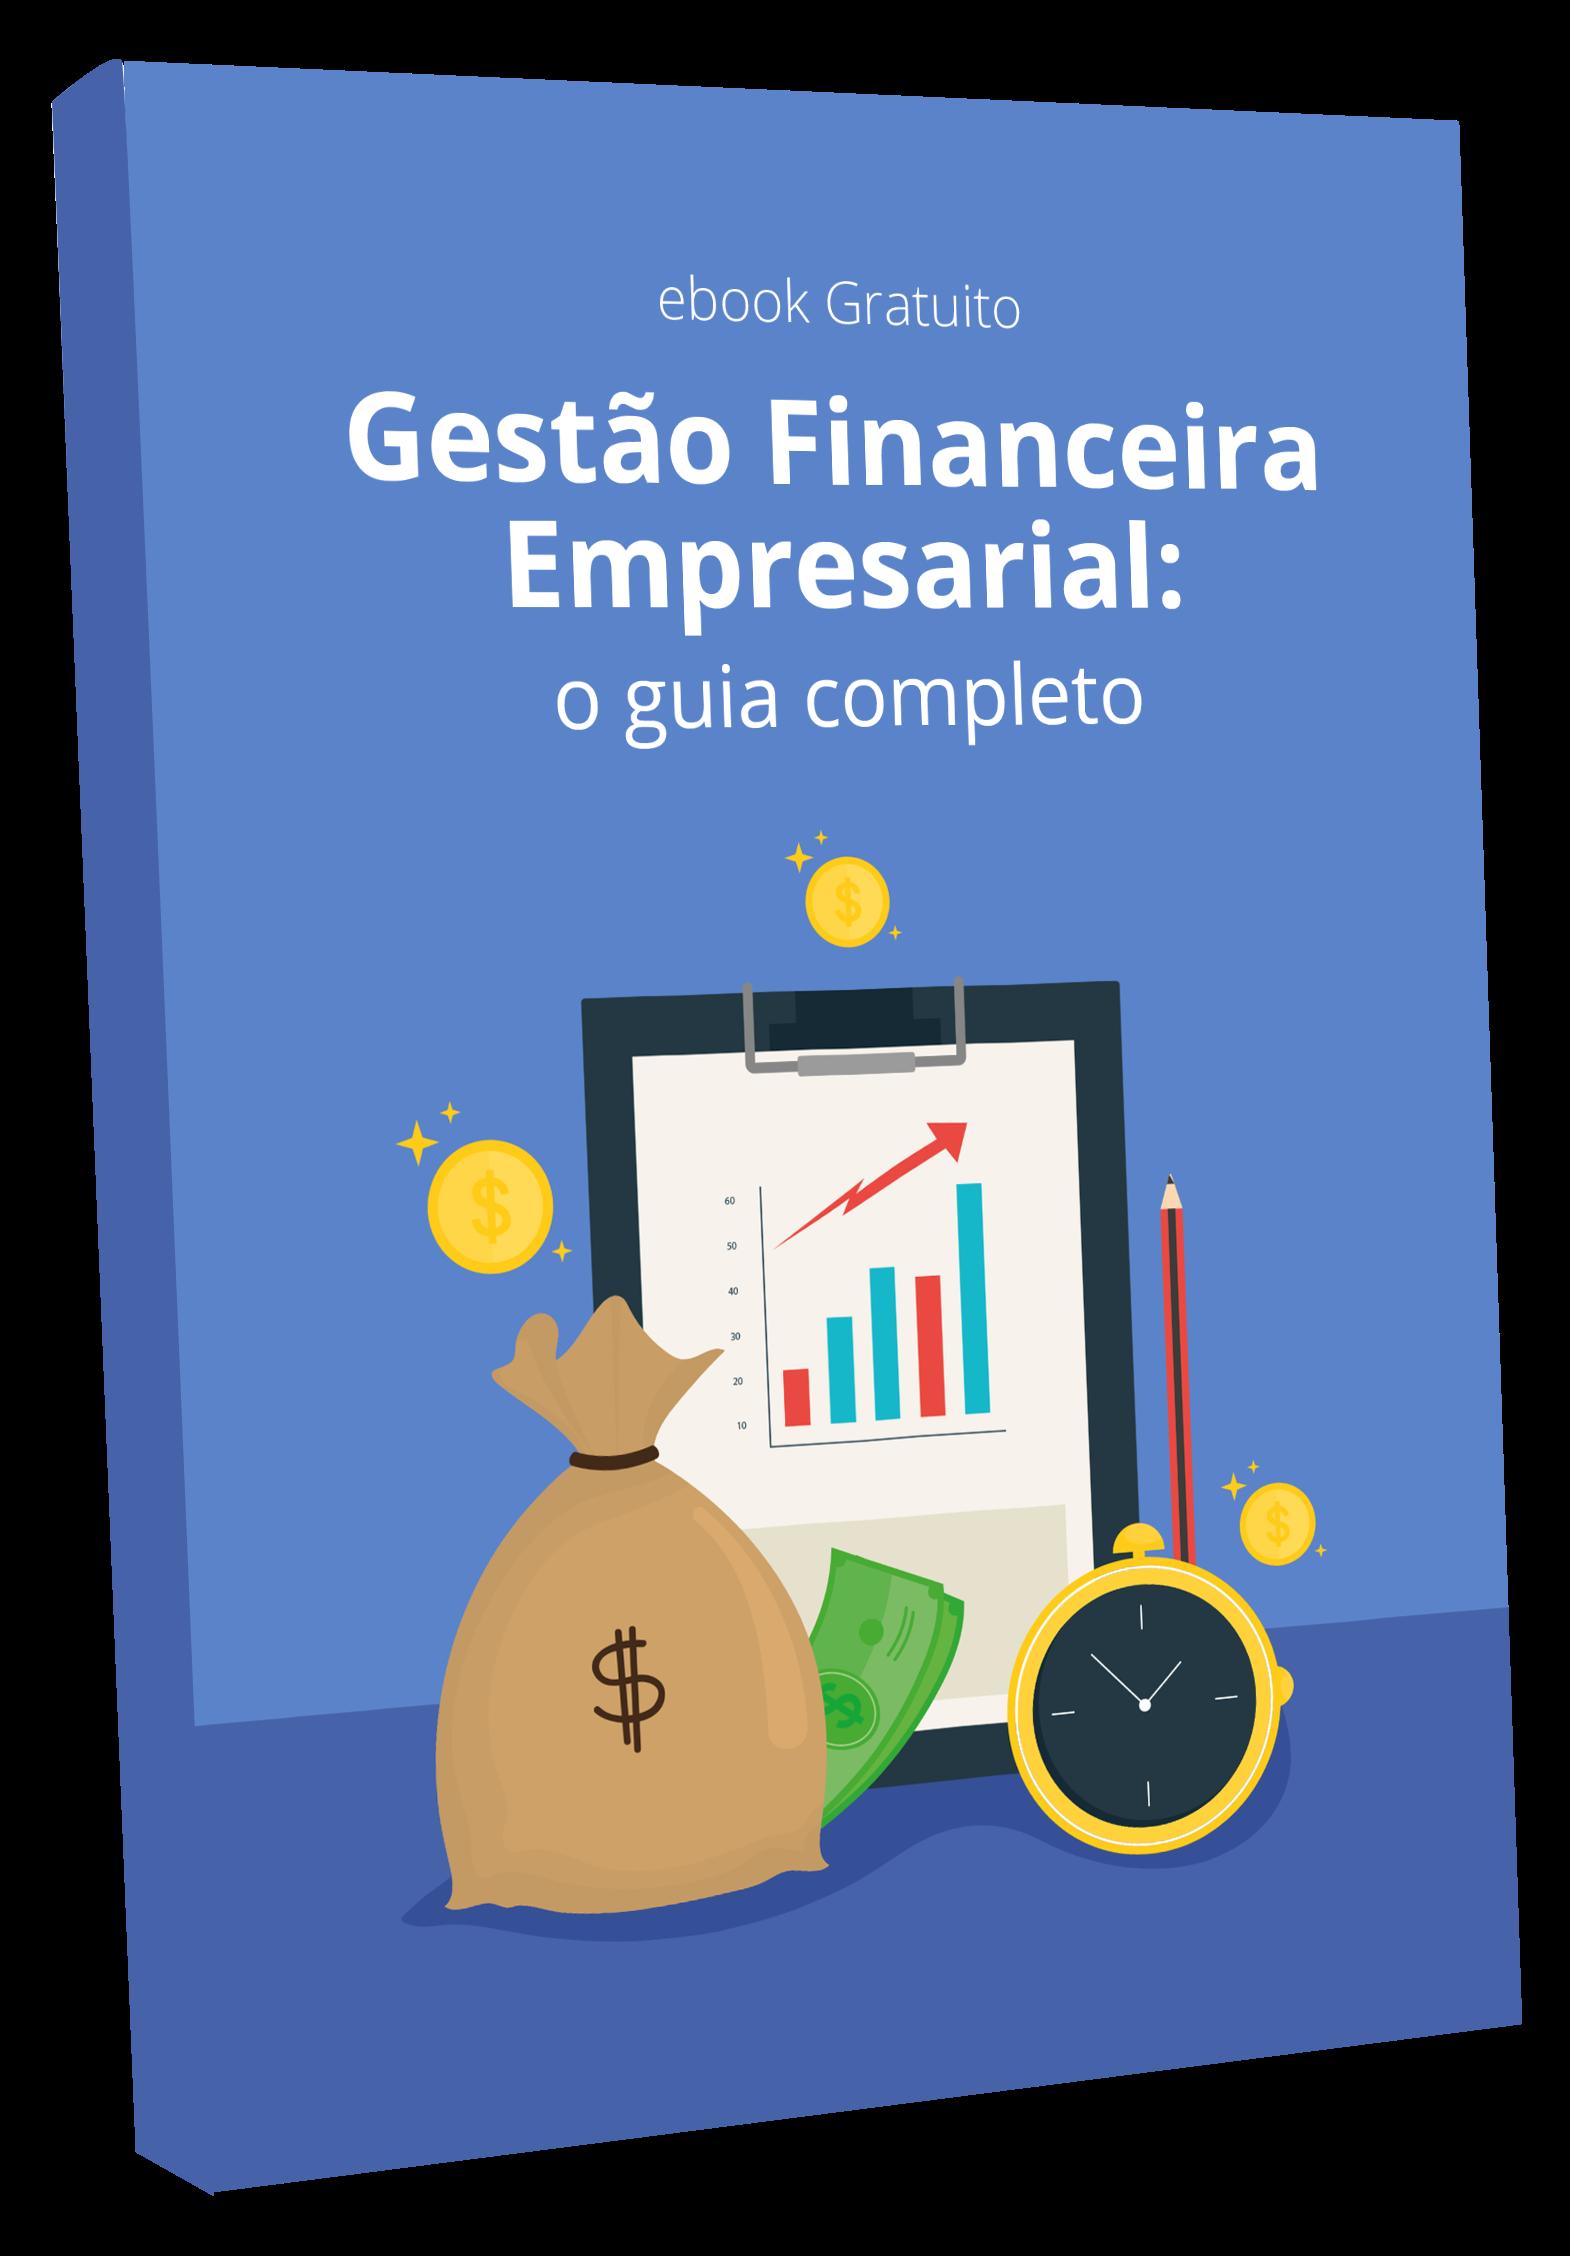 Guia Completo - Gestão Financeira Empresarial